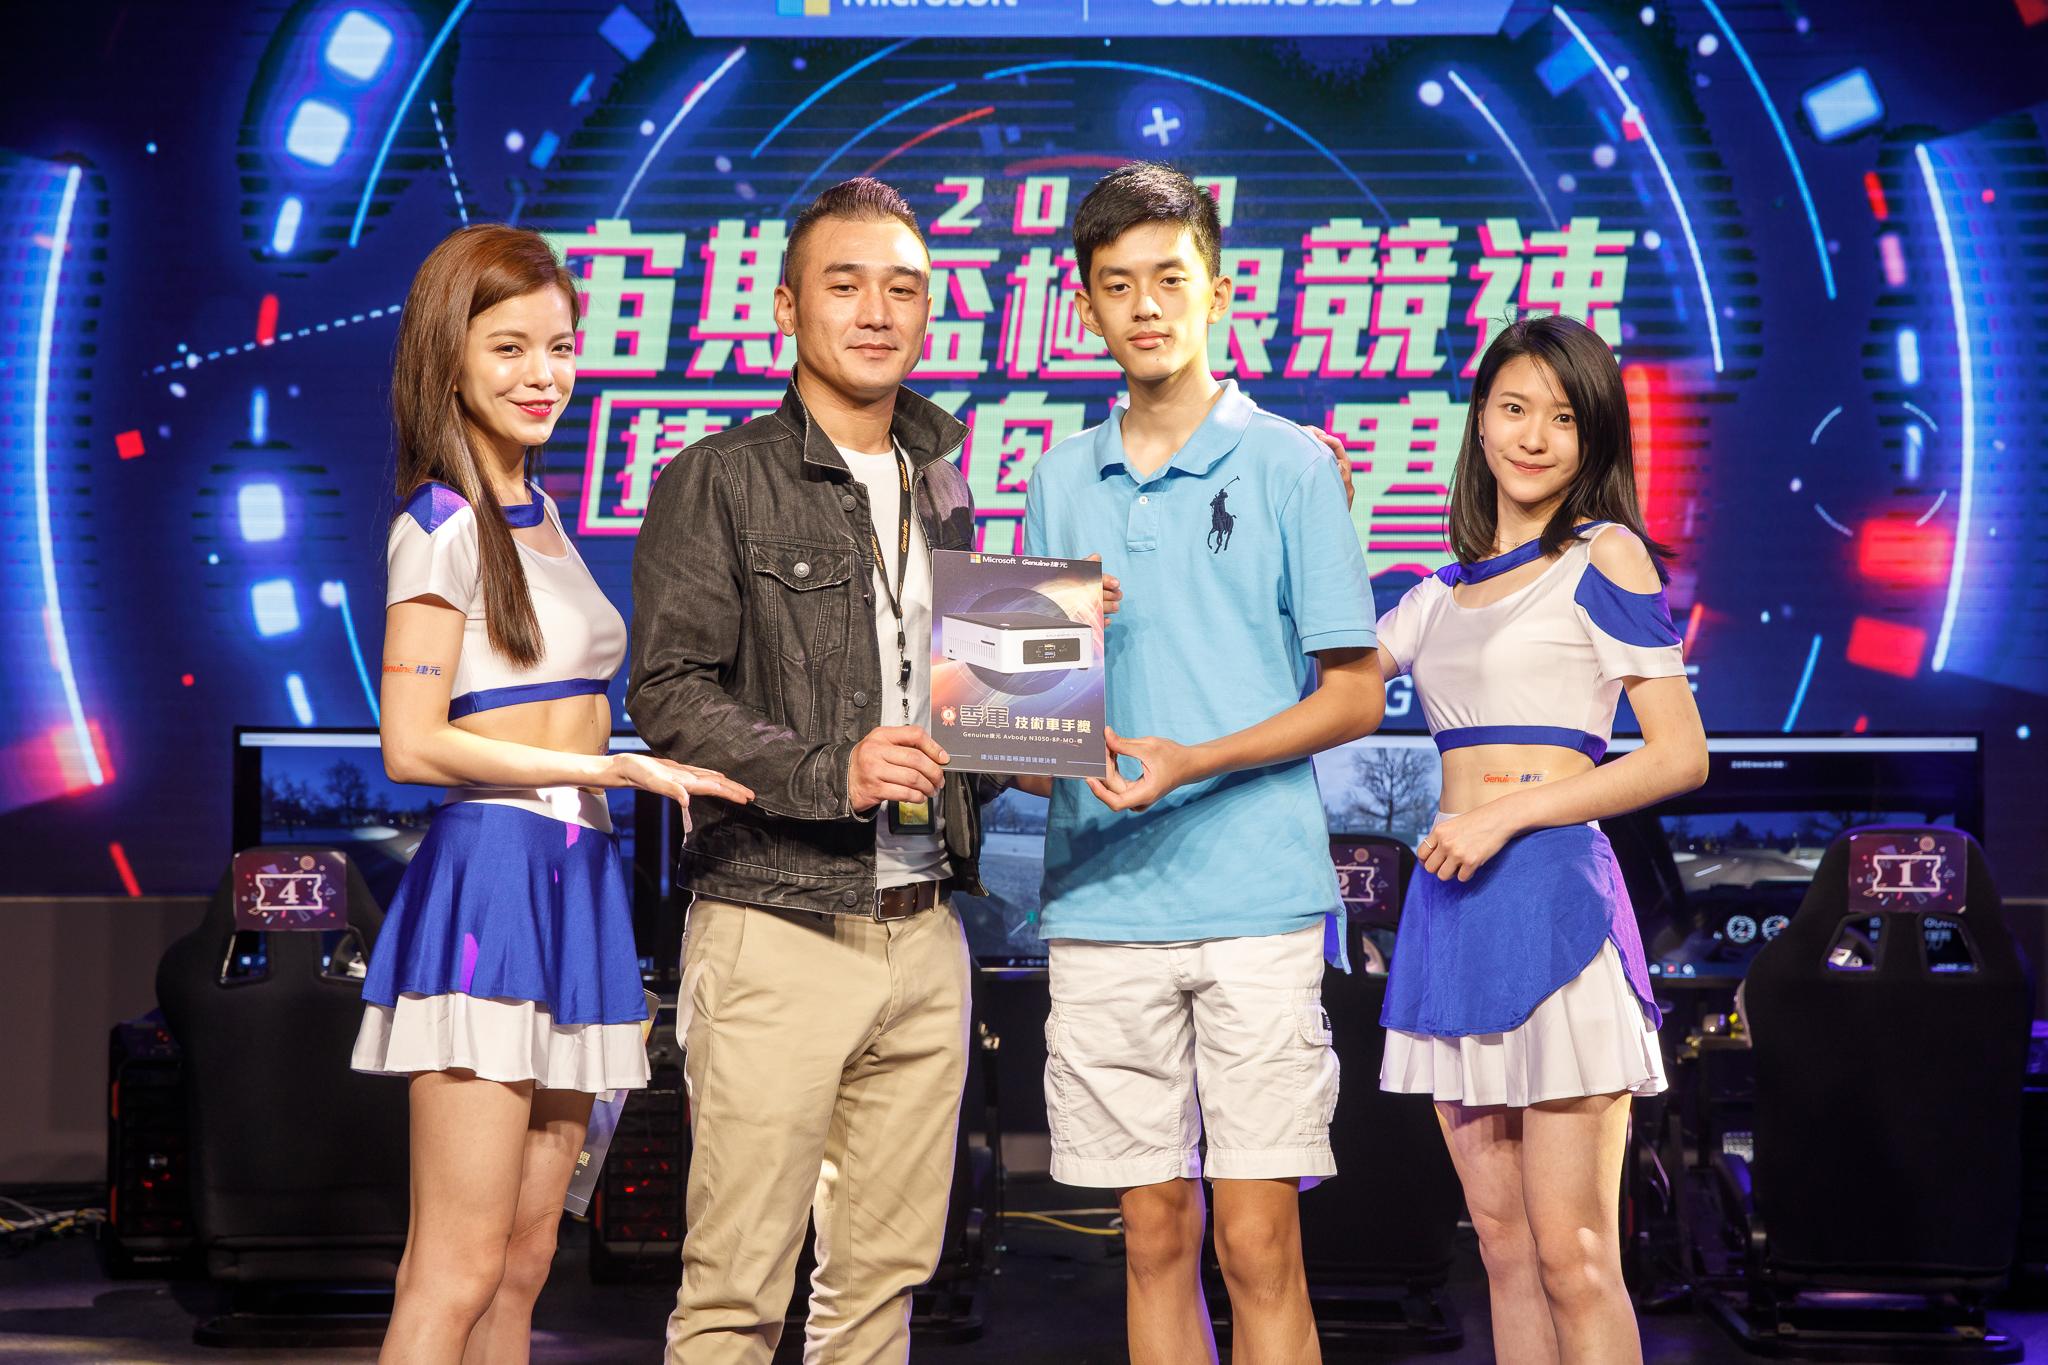 「季軍-潛力車手」由陳先生拿下,抱回超過1萬元的Avbody N3050-8P迷你無線電腦。